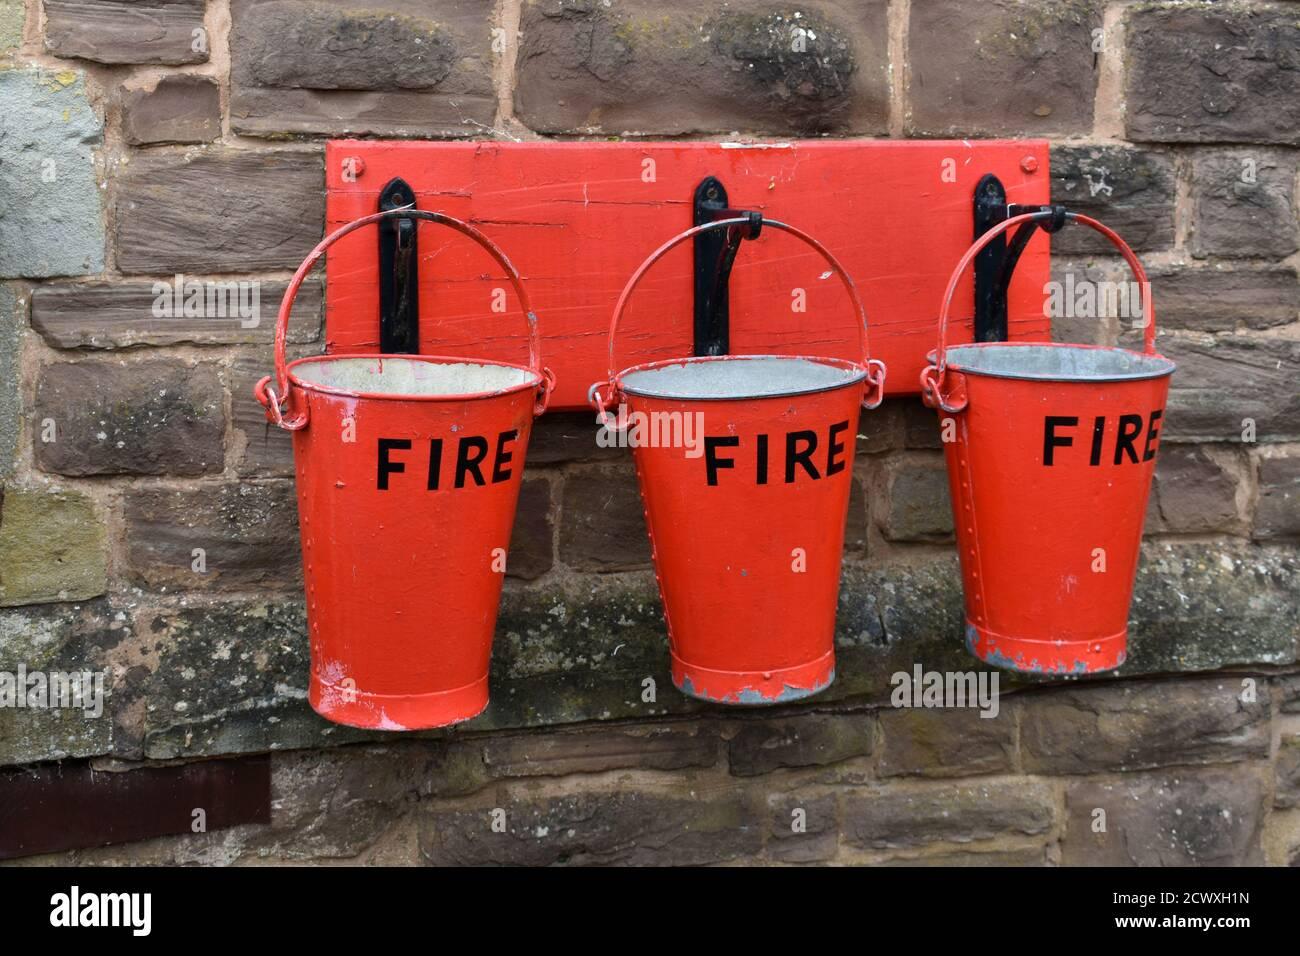 Primer plano de 3 cubos de fuego rojos colgando de ganchos en una pared de piedra fuera Foto de stock